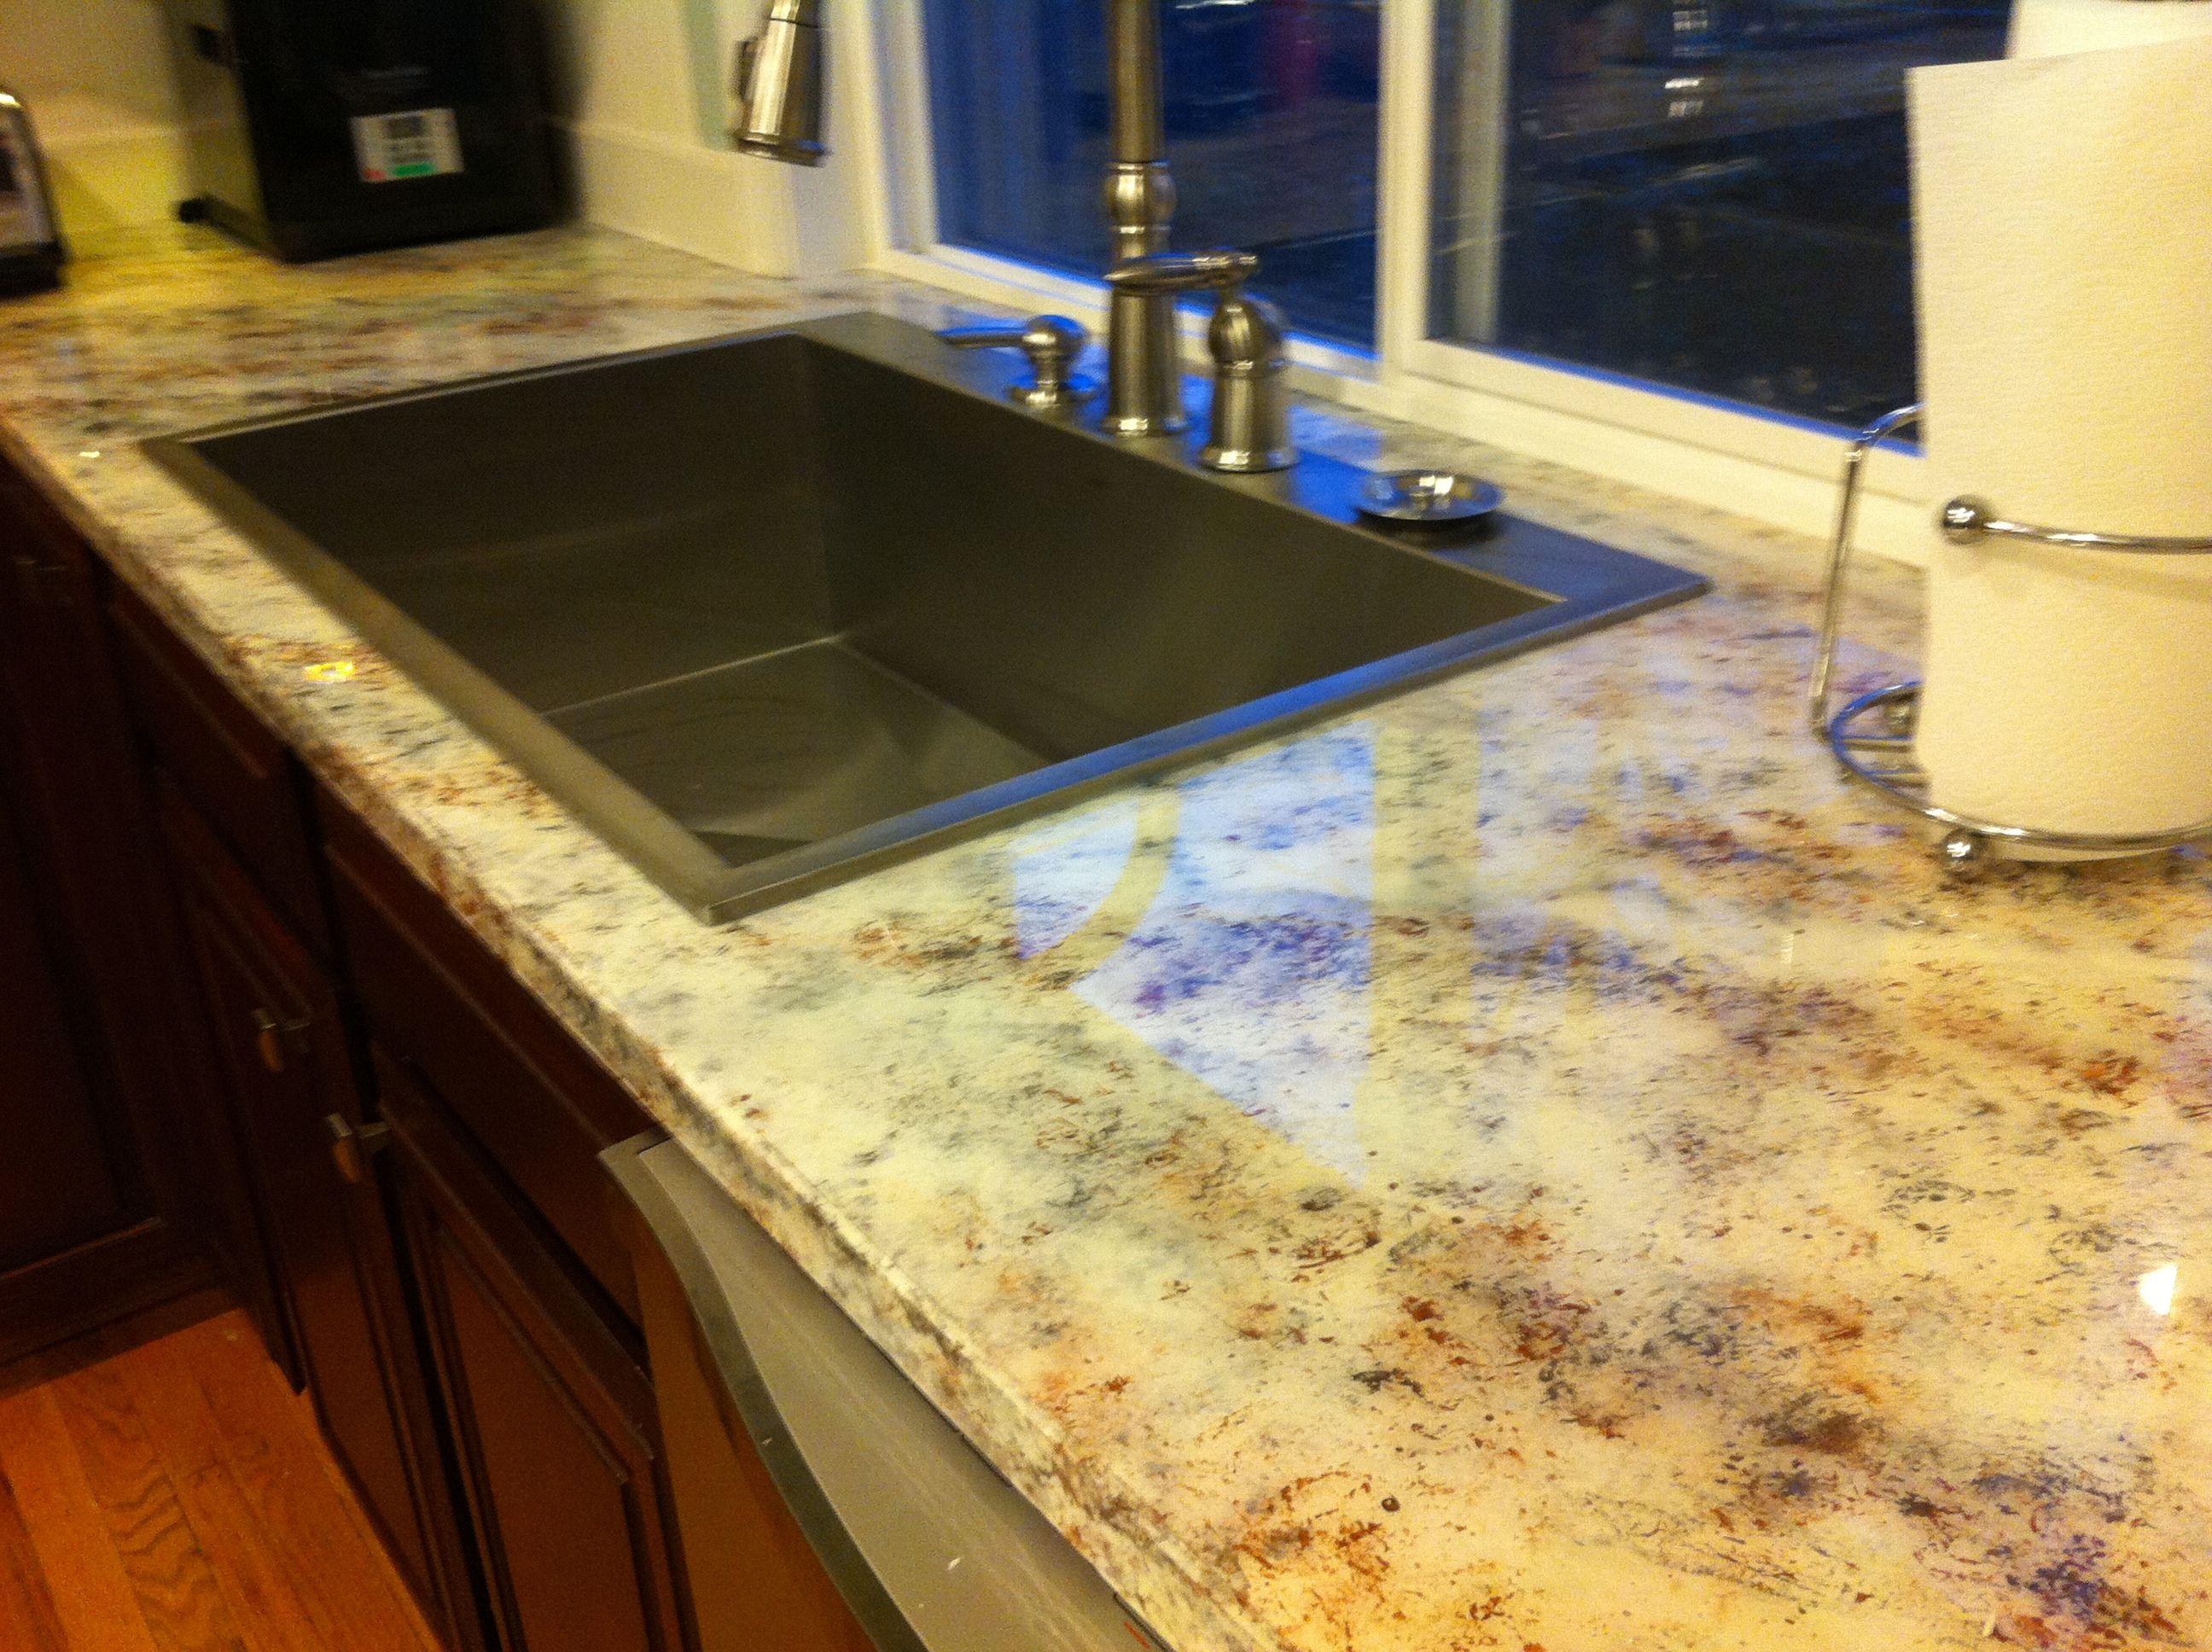 DIY Faux Granite Epoxy Resin Countertop